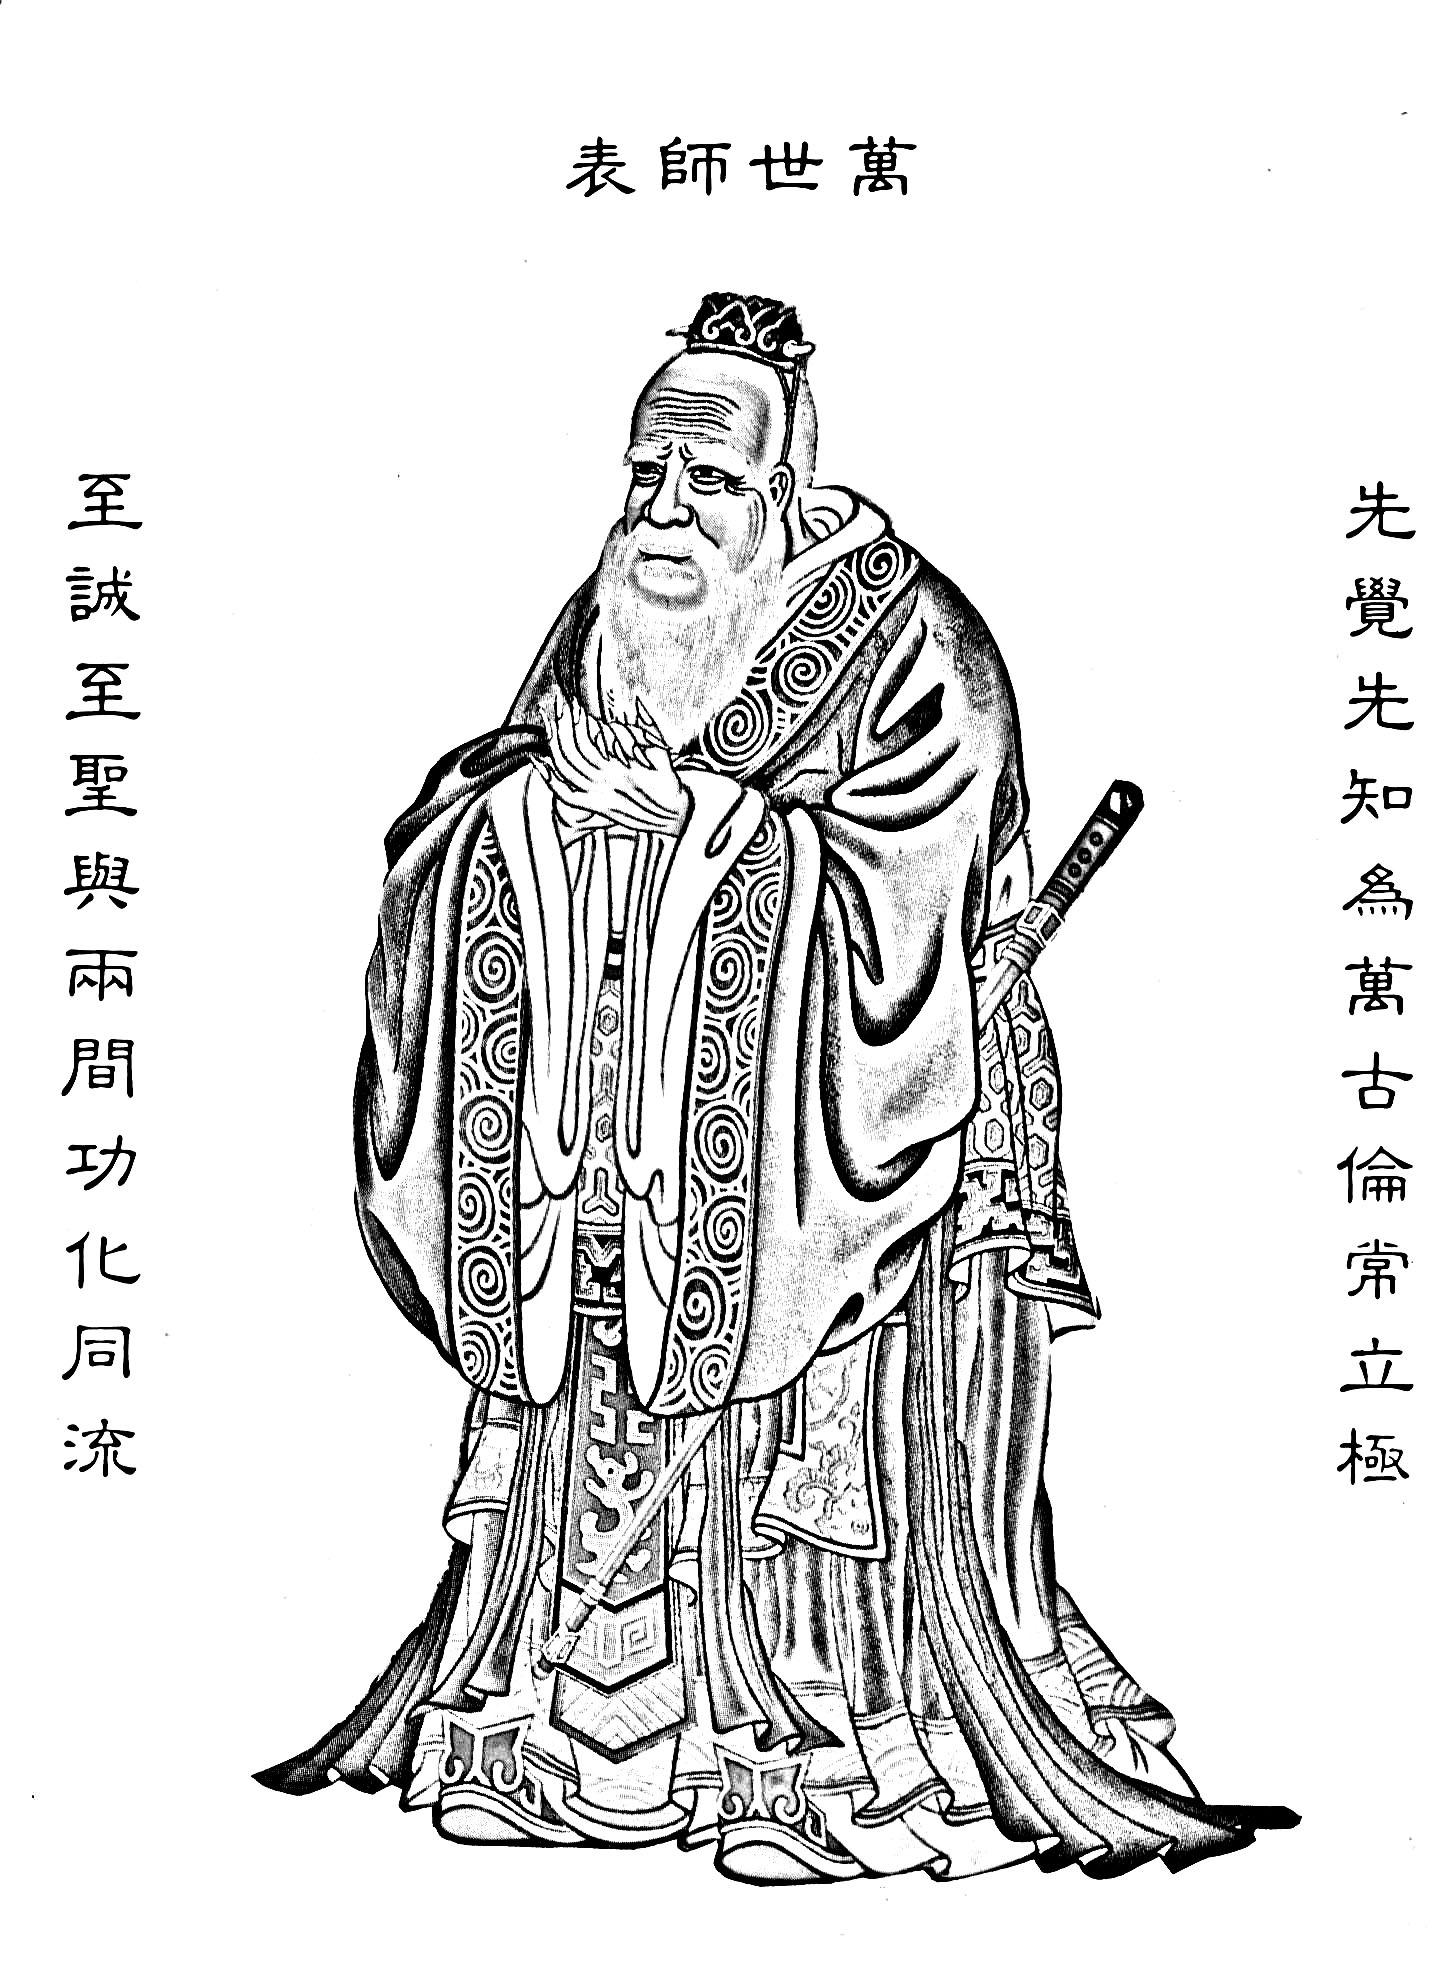 Coloriage de Confucius, personnage historique Chinois, considéré comme son premier 'éducateur'A partir de la galerie : Chine Asie